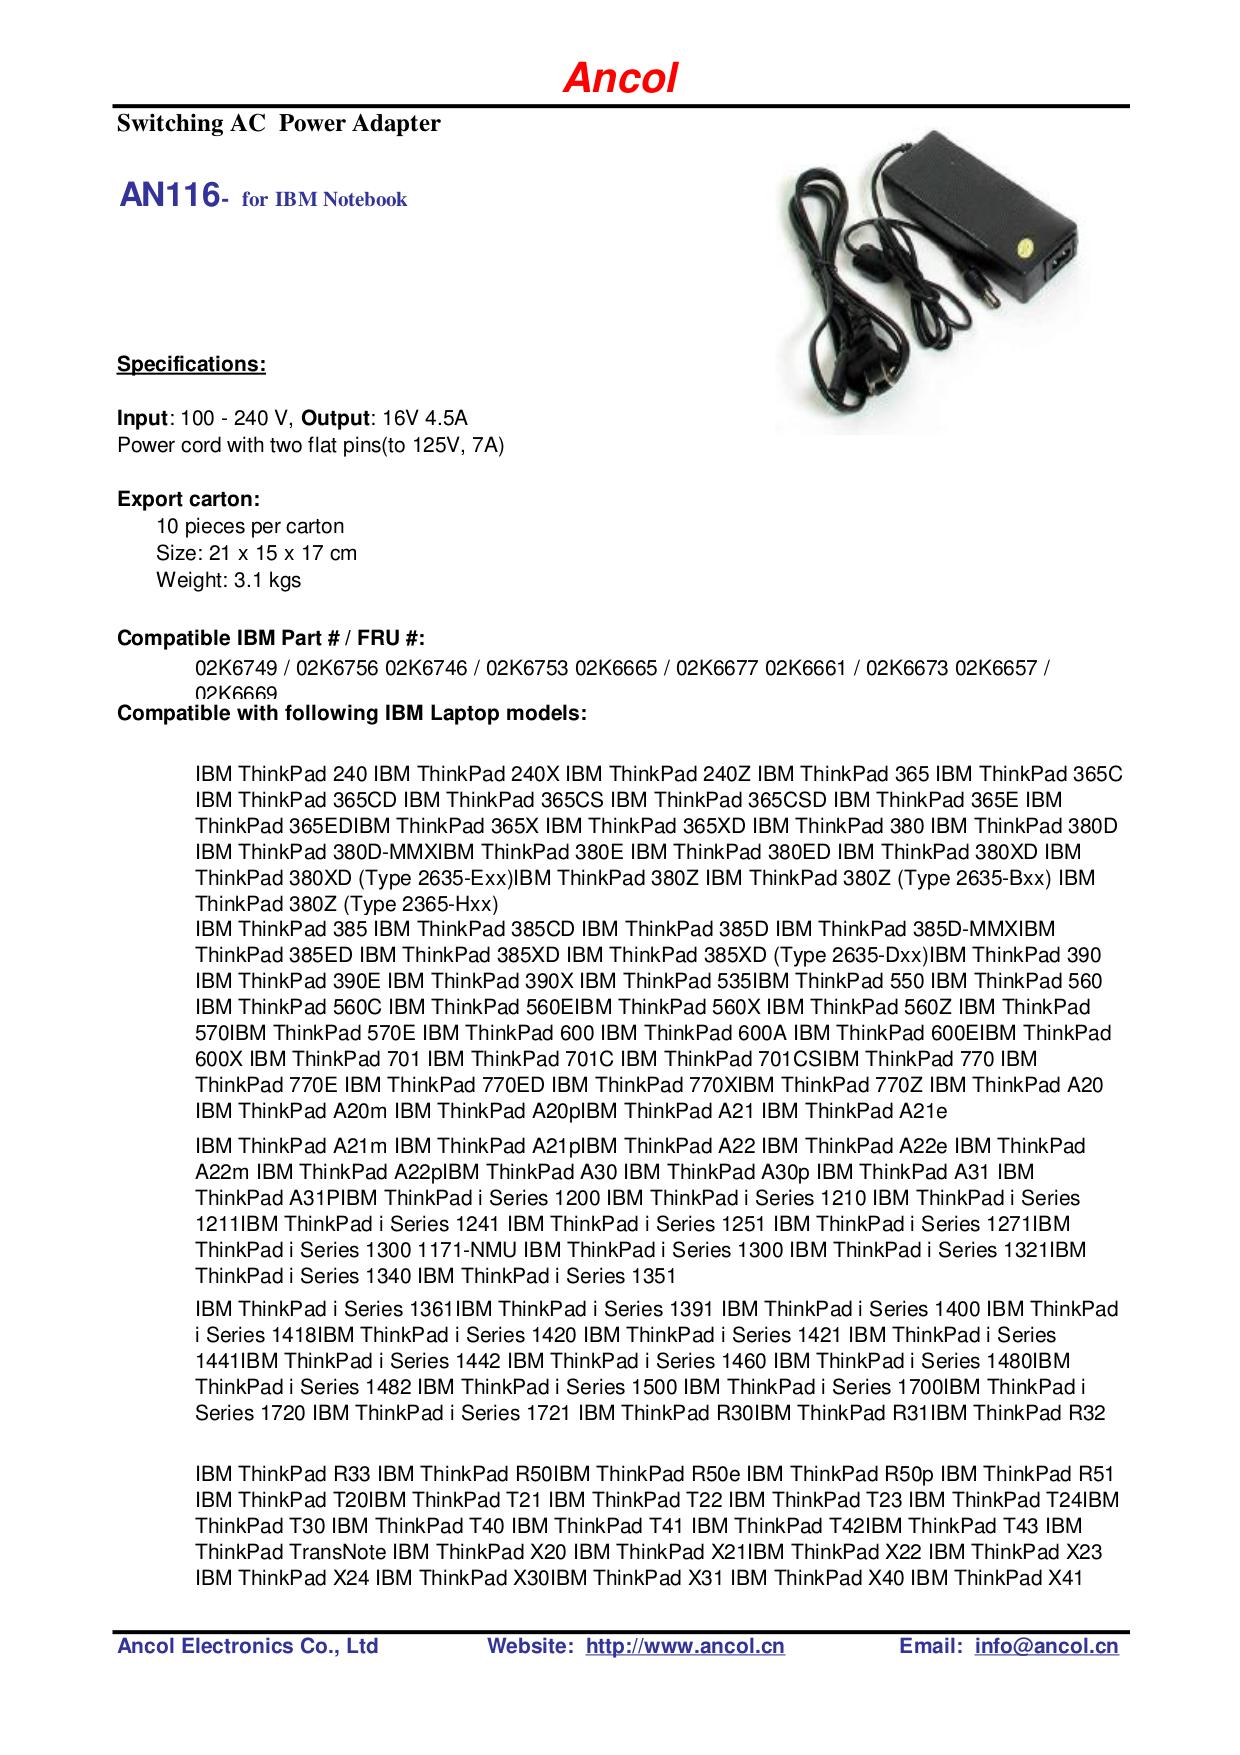 pdf for IBM Laptop ThinkPad 240X manual